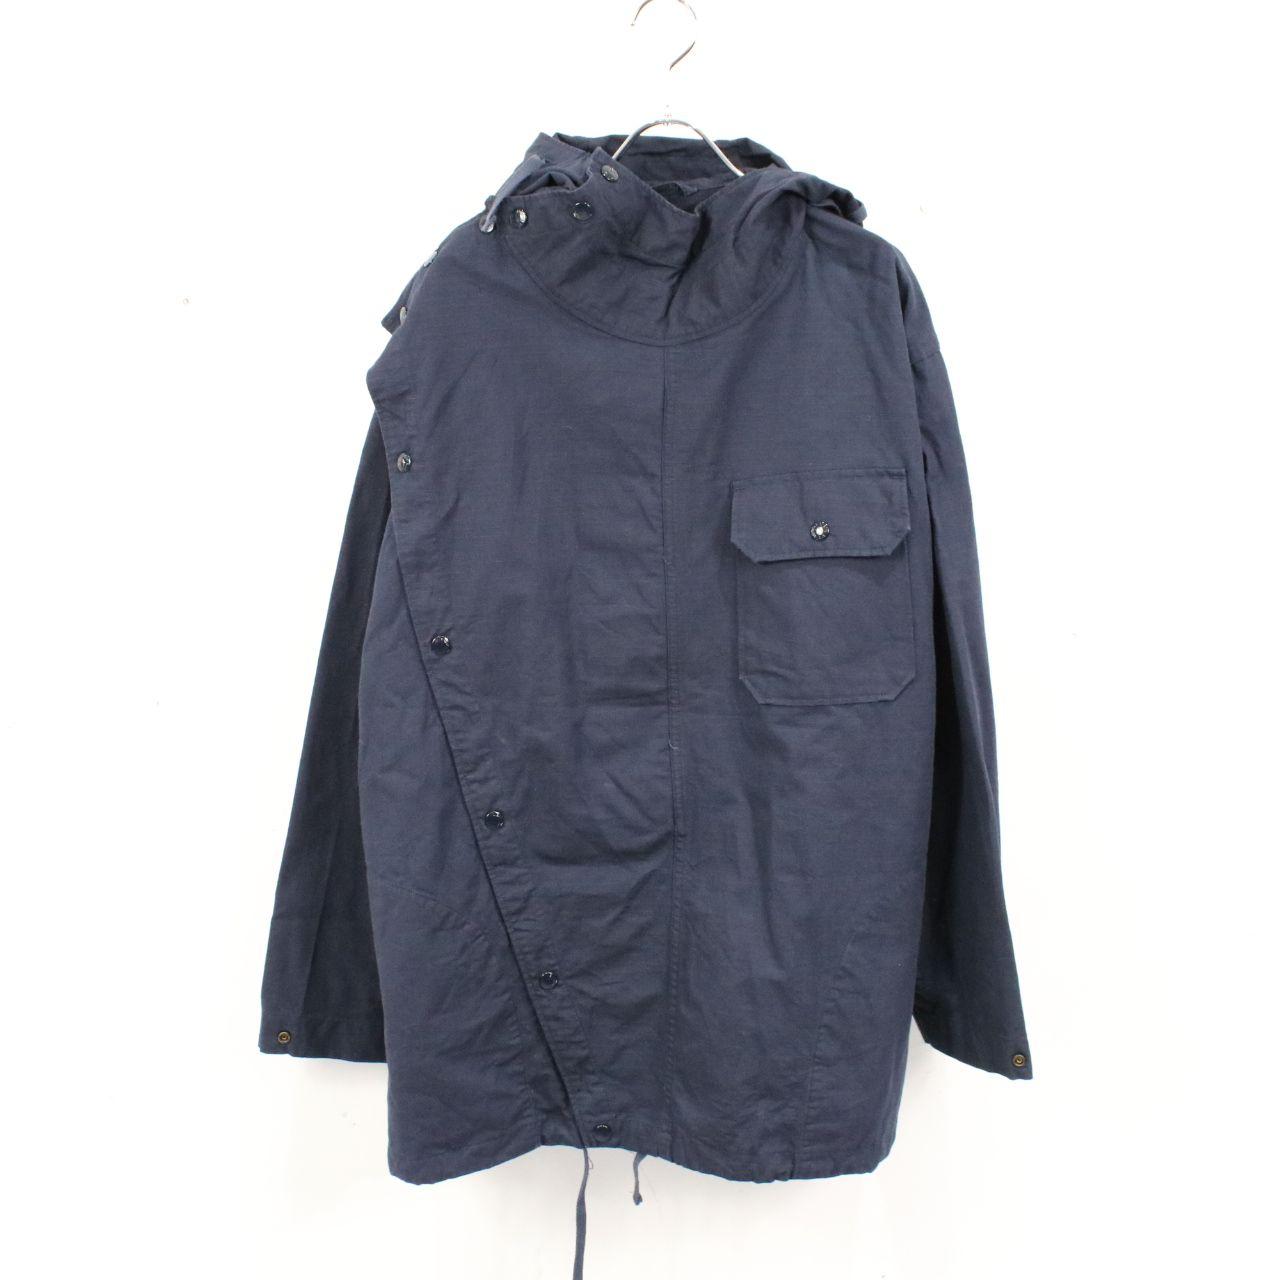 Engineered Garments / エンジニアドガーメンツ | Sonor Shirt Jacket-Cotton Ripstop ソナーシャツジャケット | S | ネイビー | メンズ